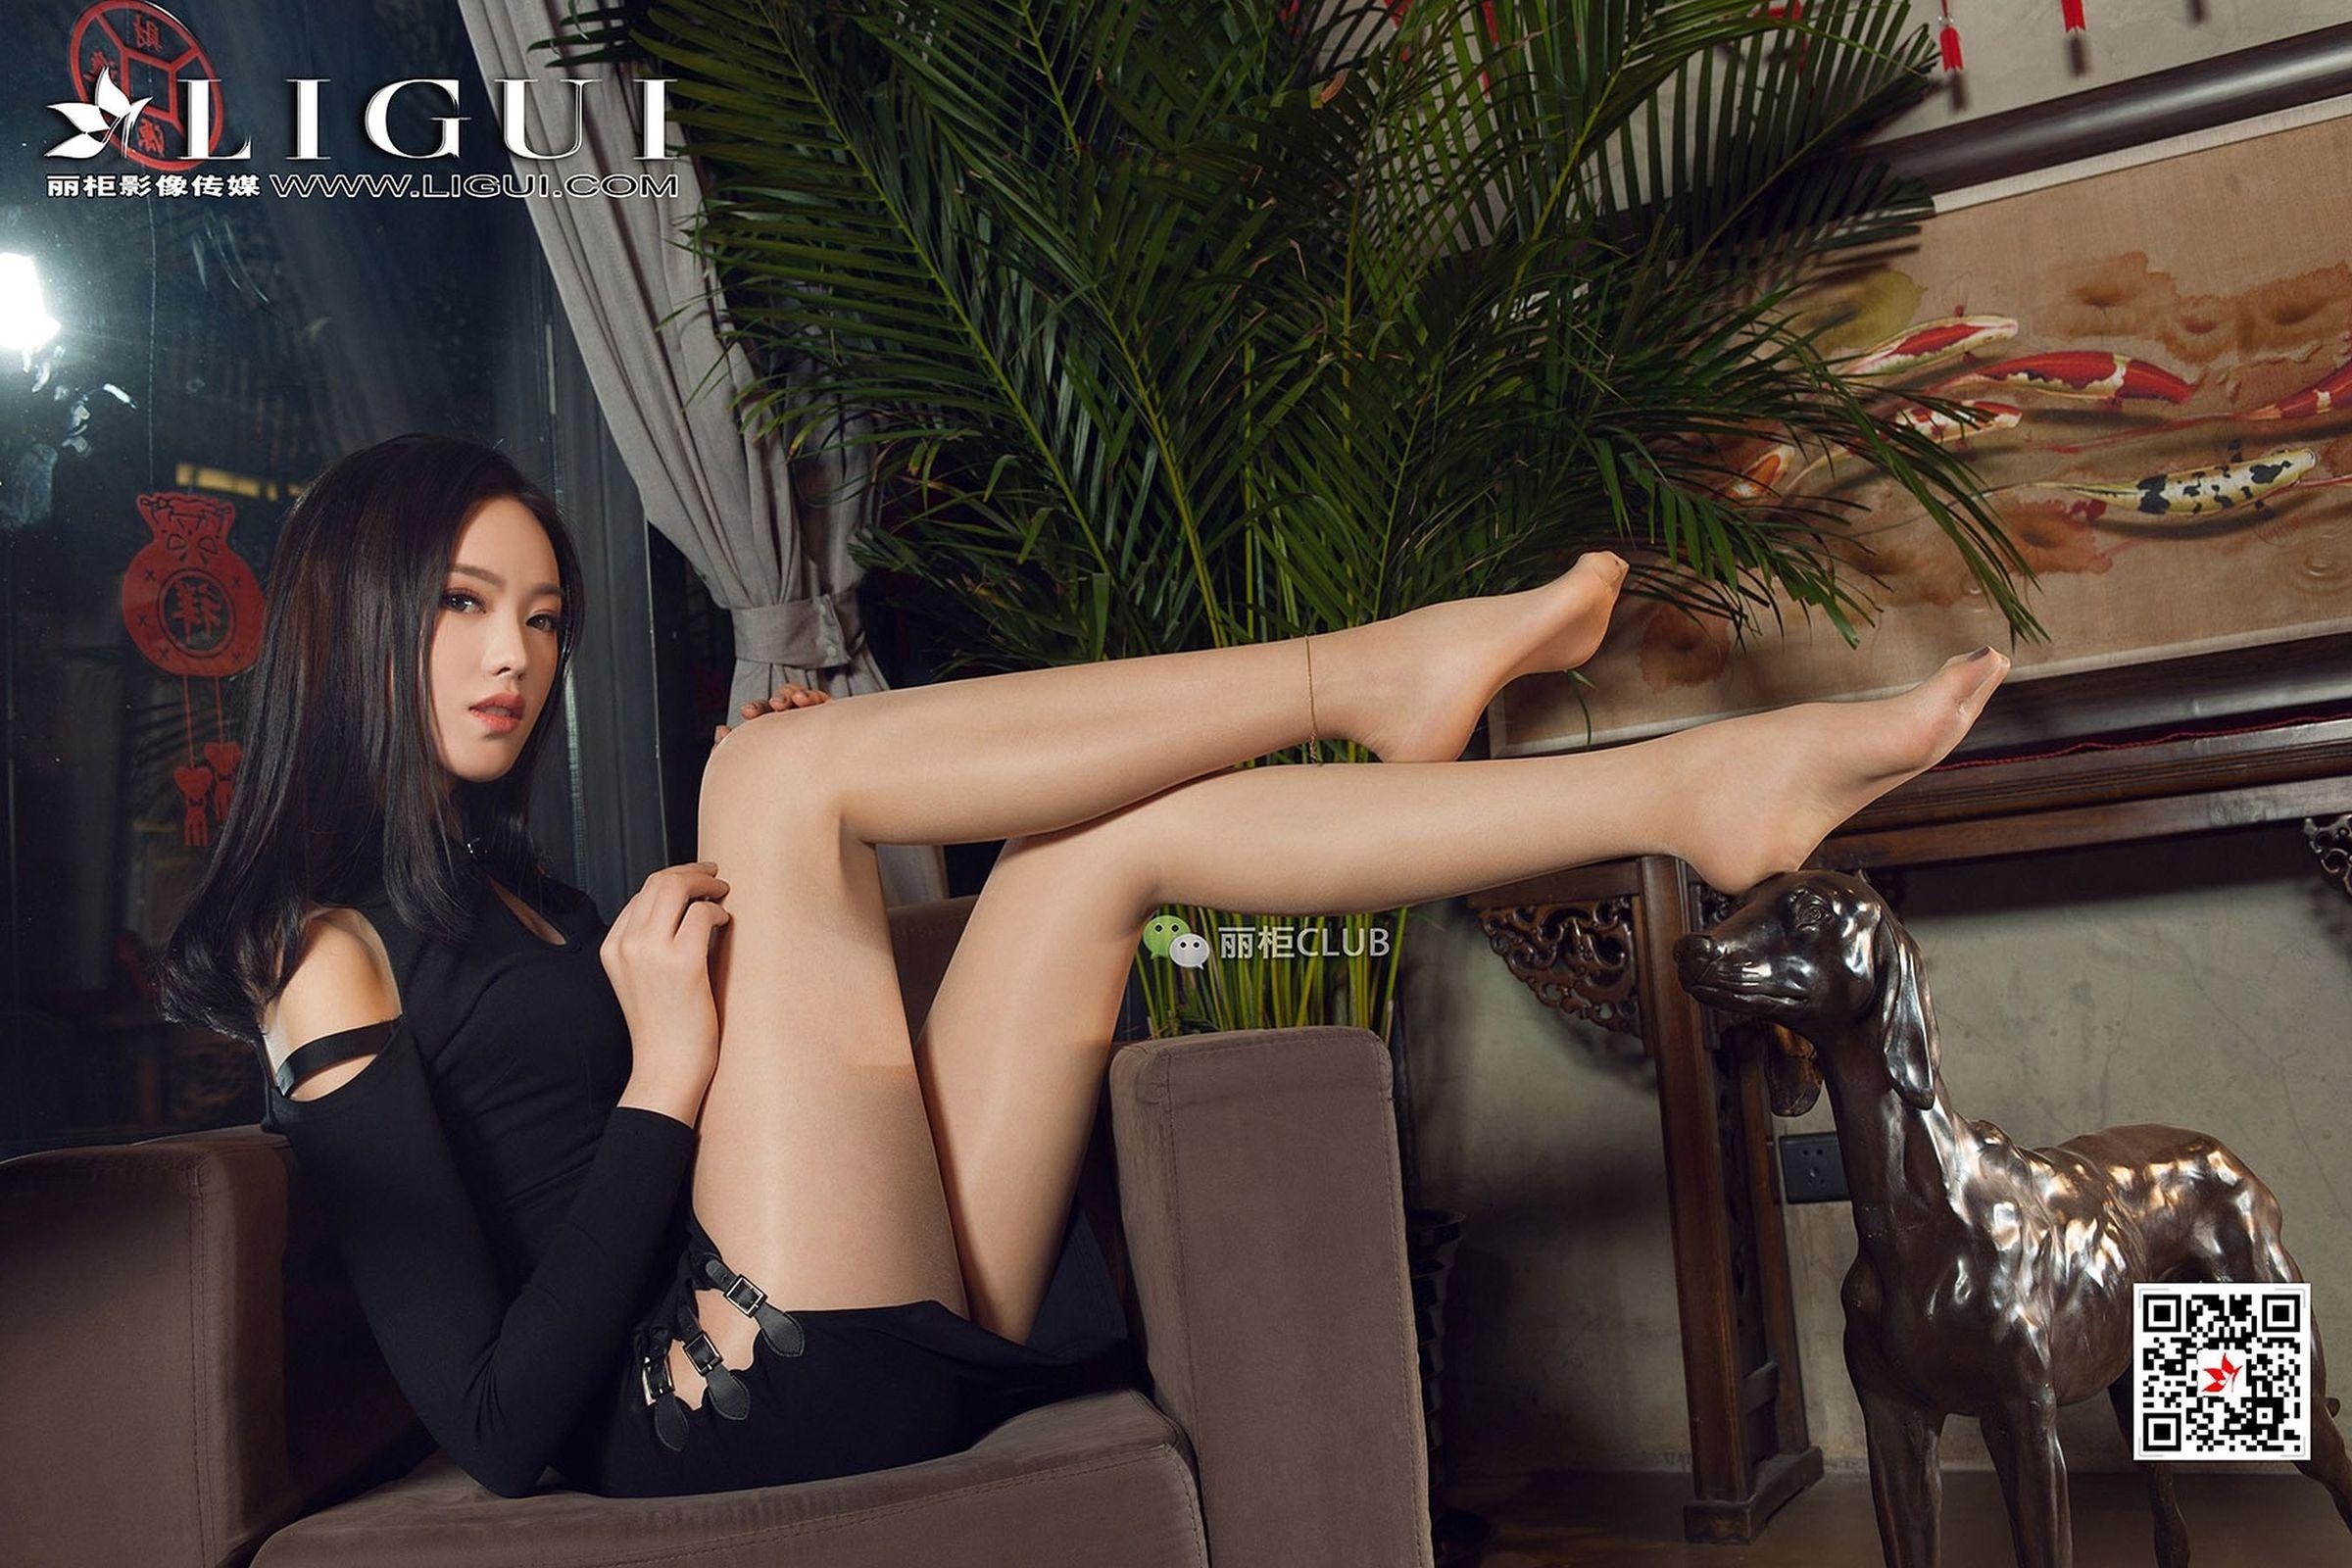 足模敏儿 丝袜美腿丝足写真